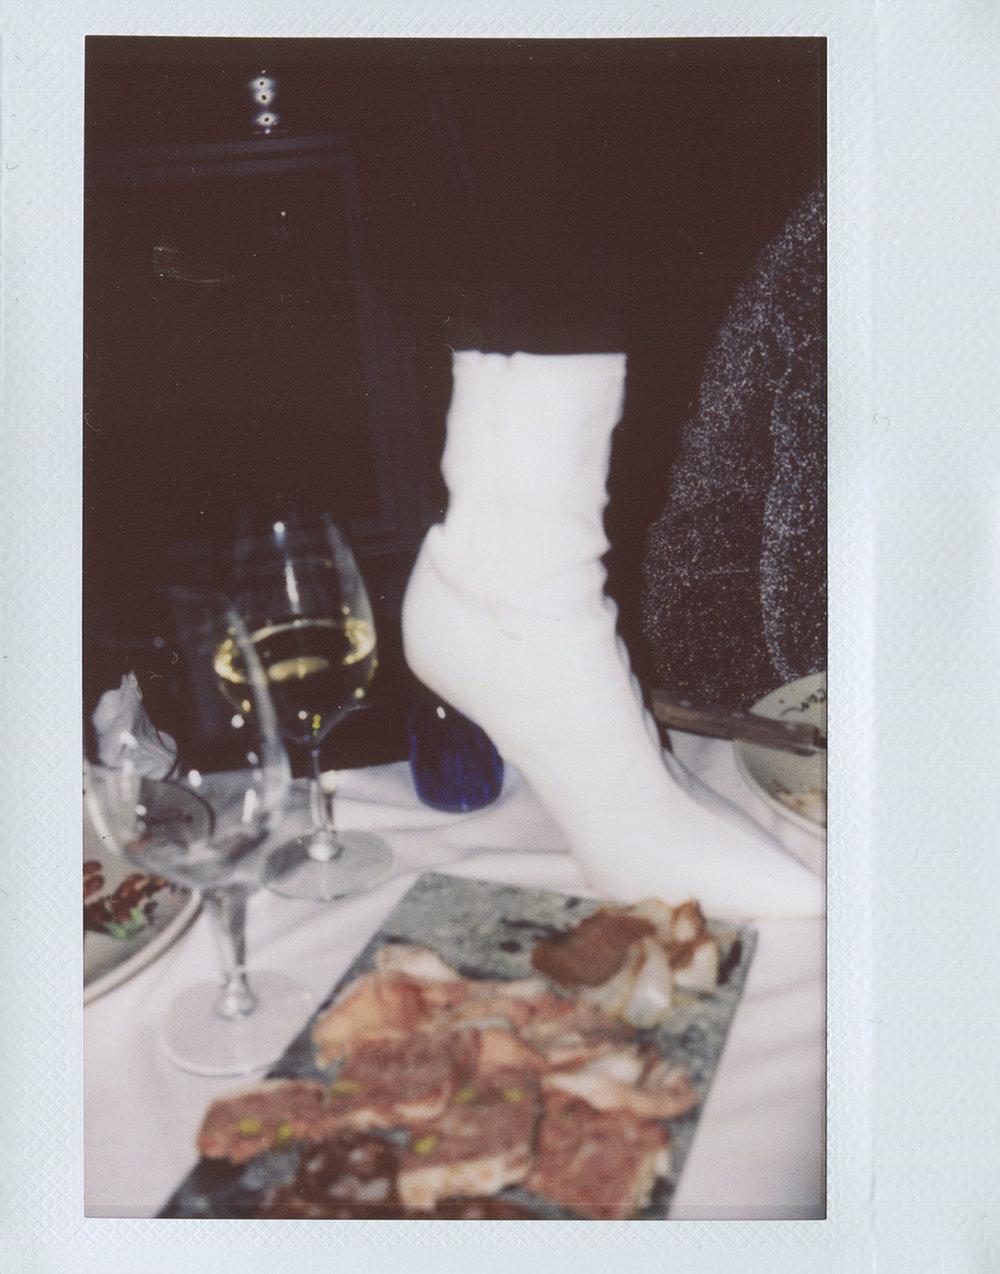 Nelly dinner by Polina_10.jpg